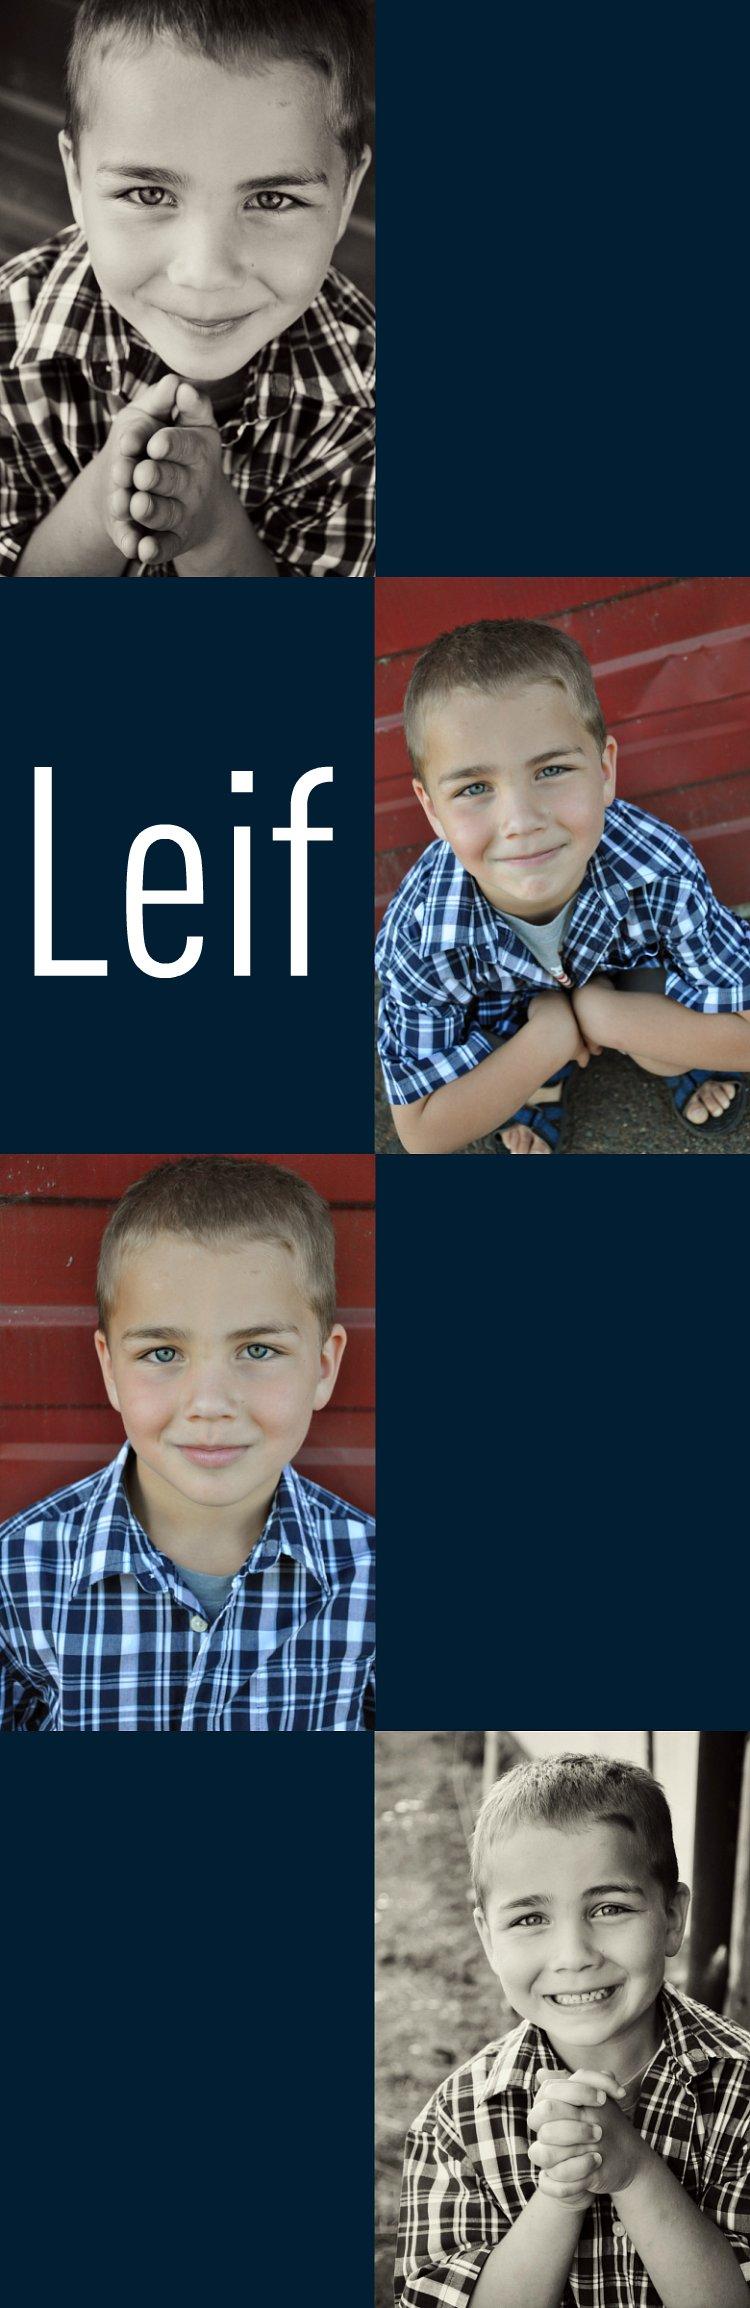 Leif @ 5